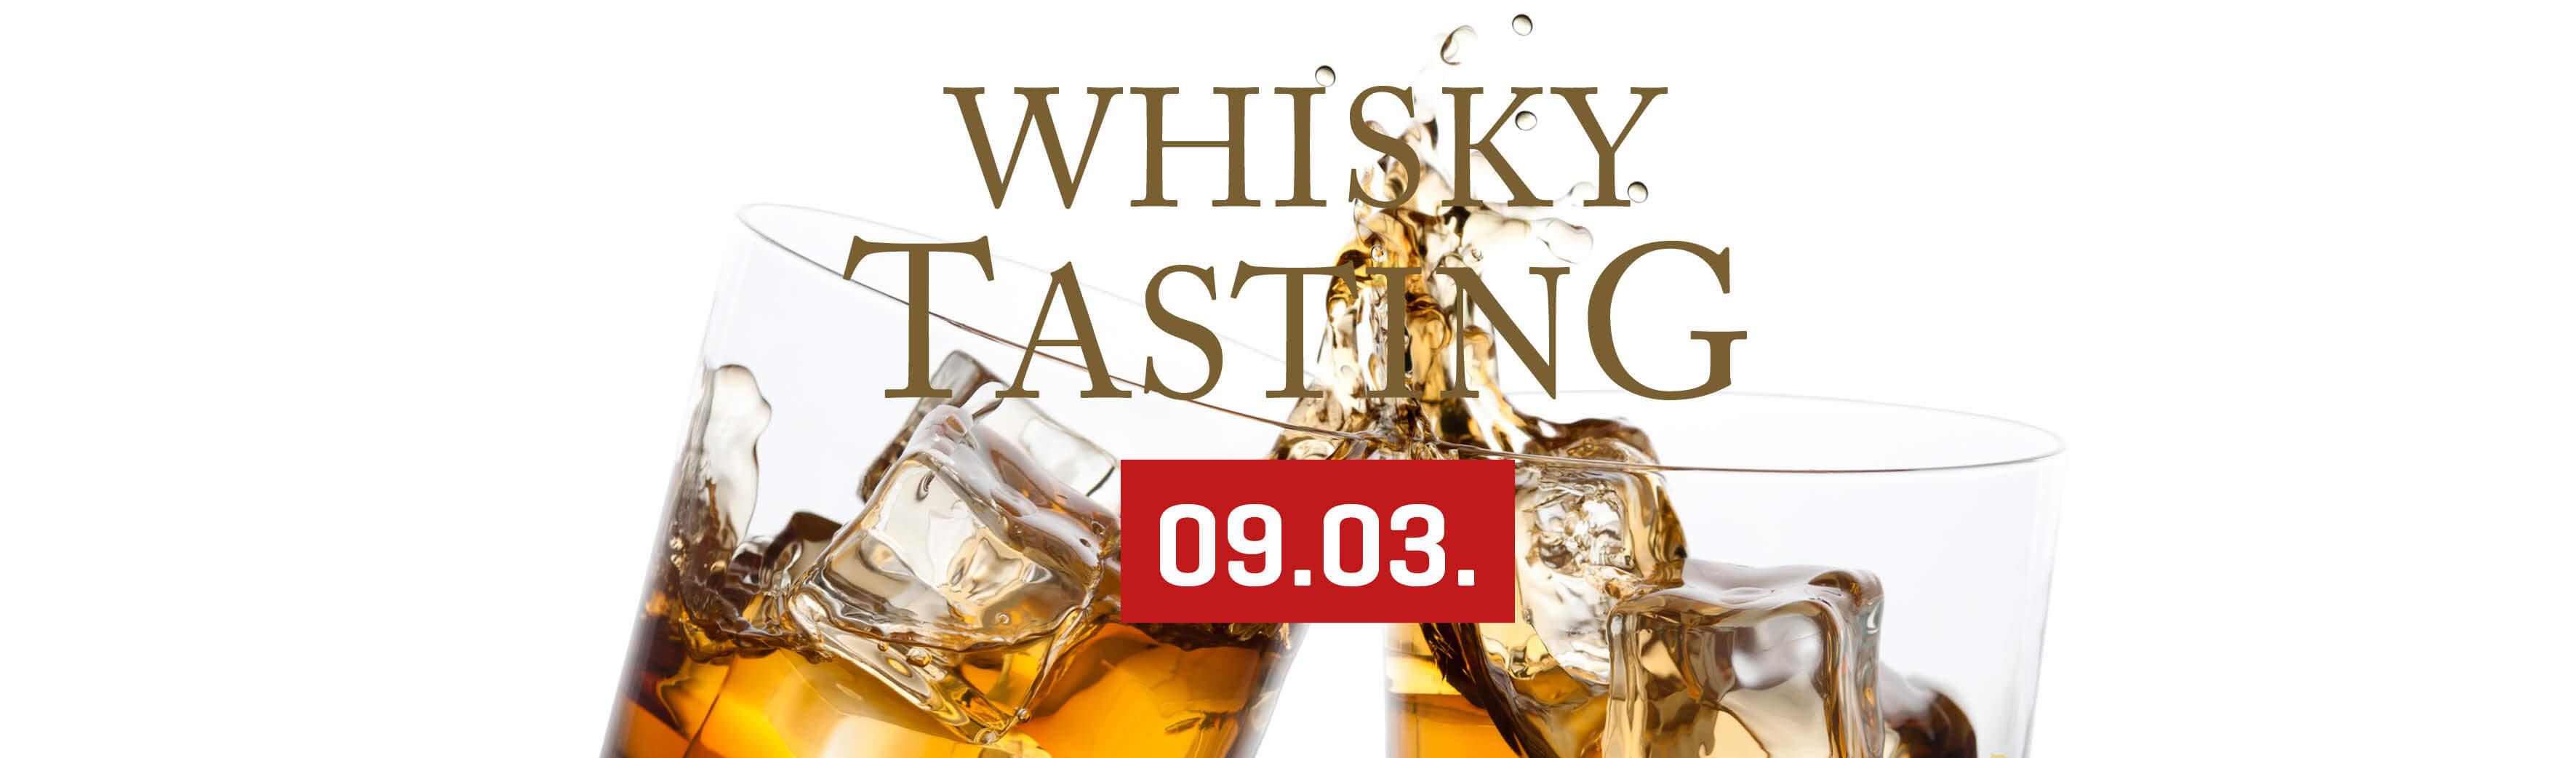 Whisky-Tasting - 09.03. 2019 - le marron restaurant Menden